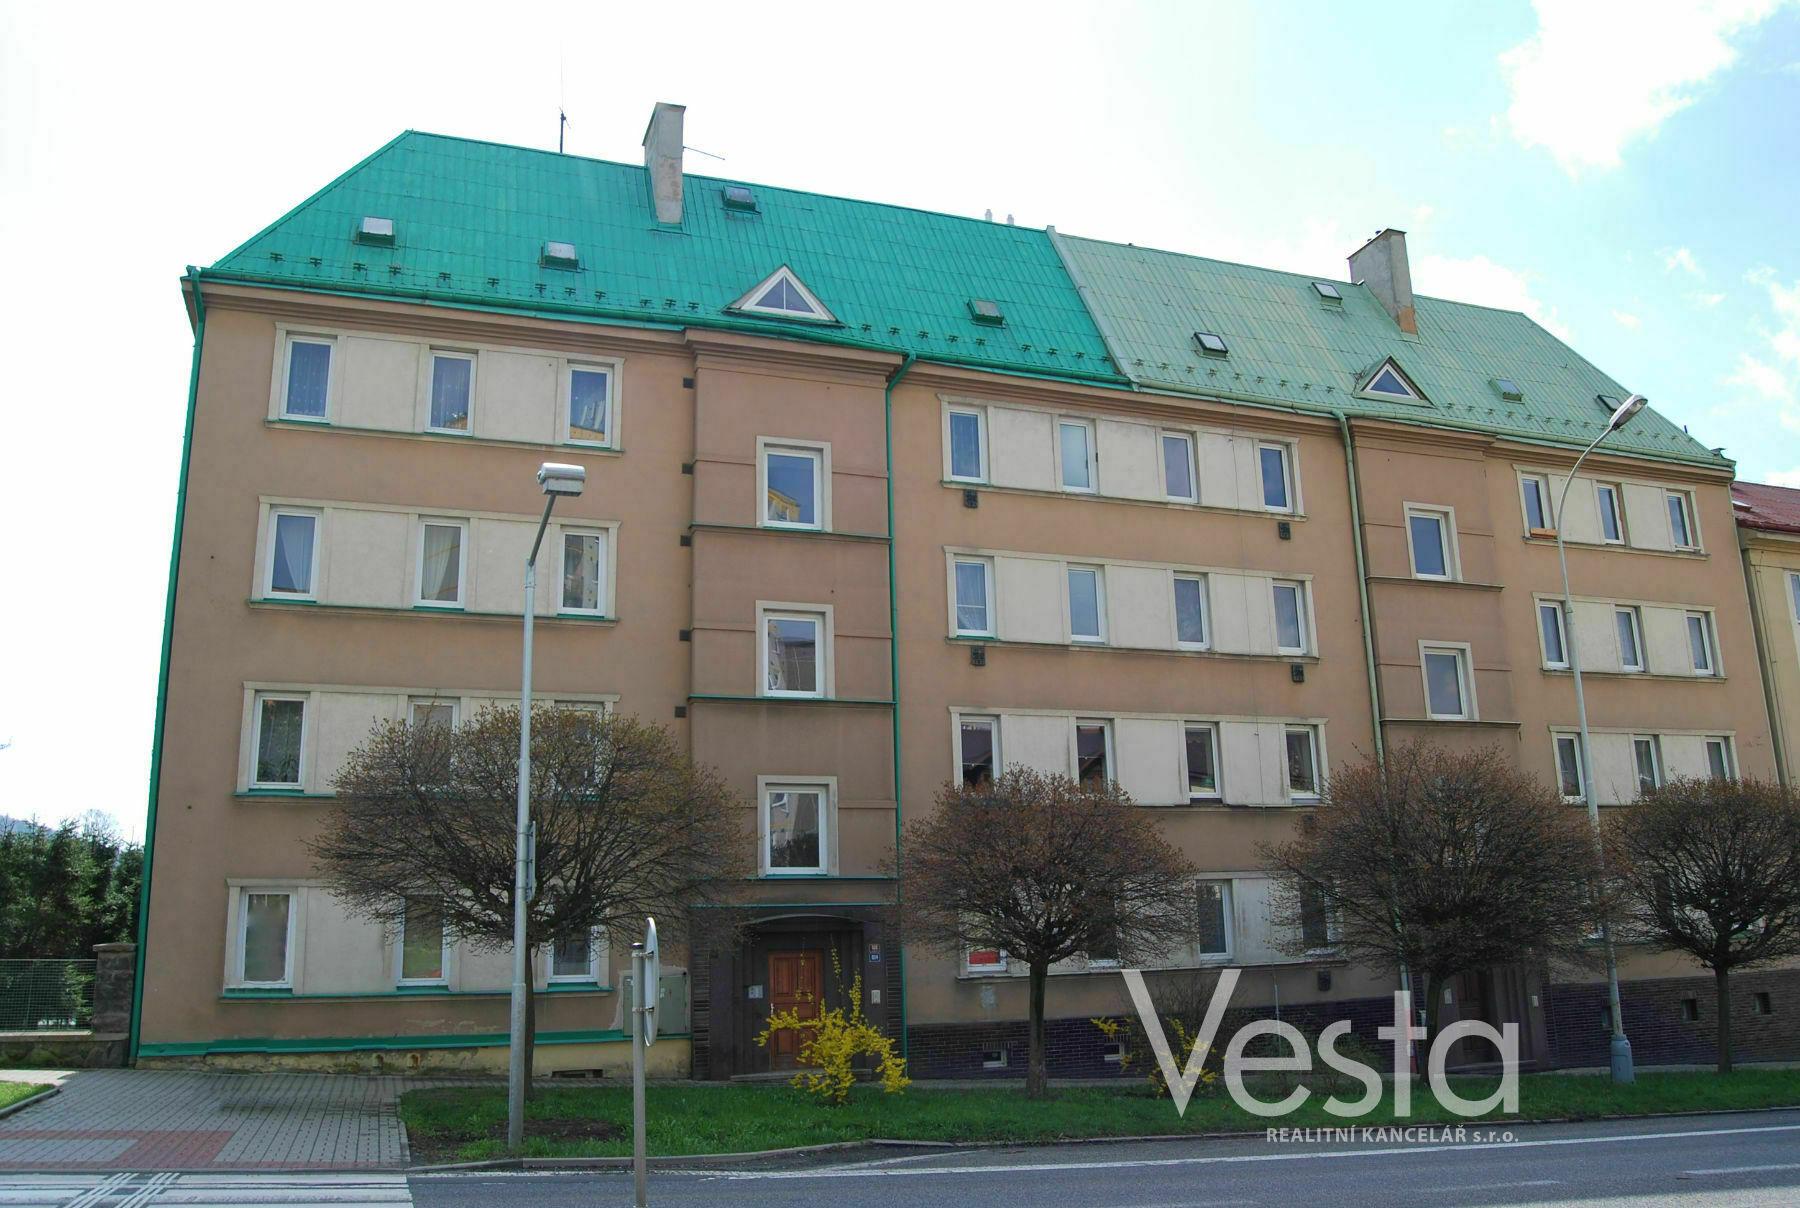 Prostorný byt 2+1 s balkónem a krásným výhledem